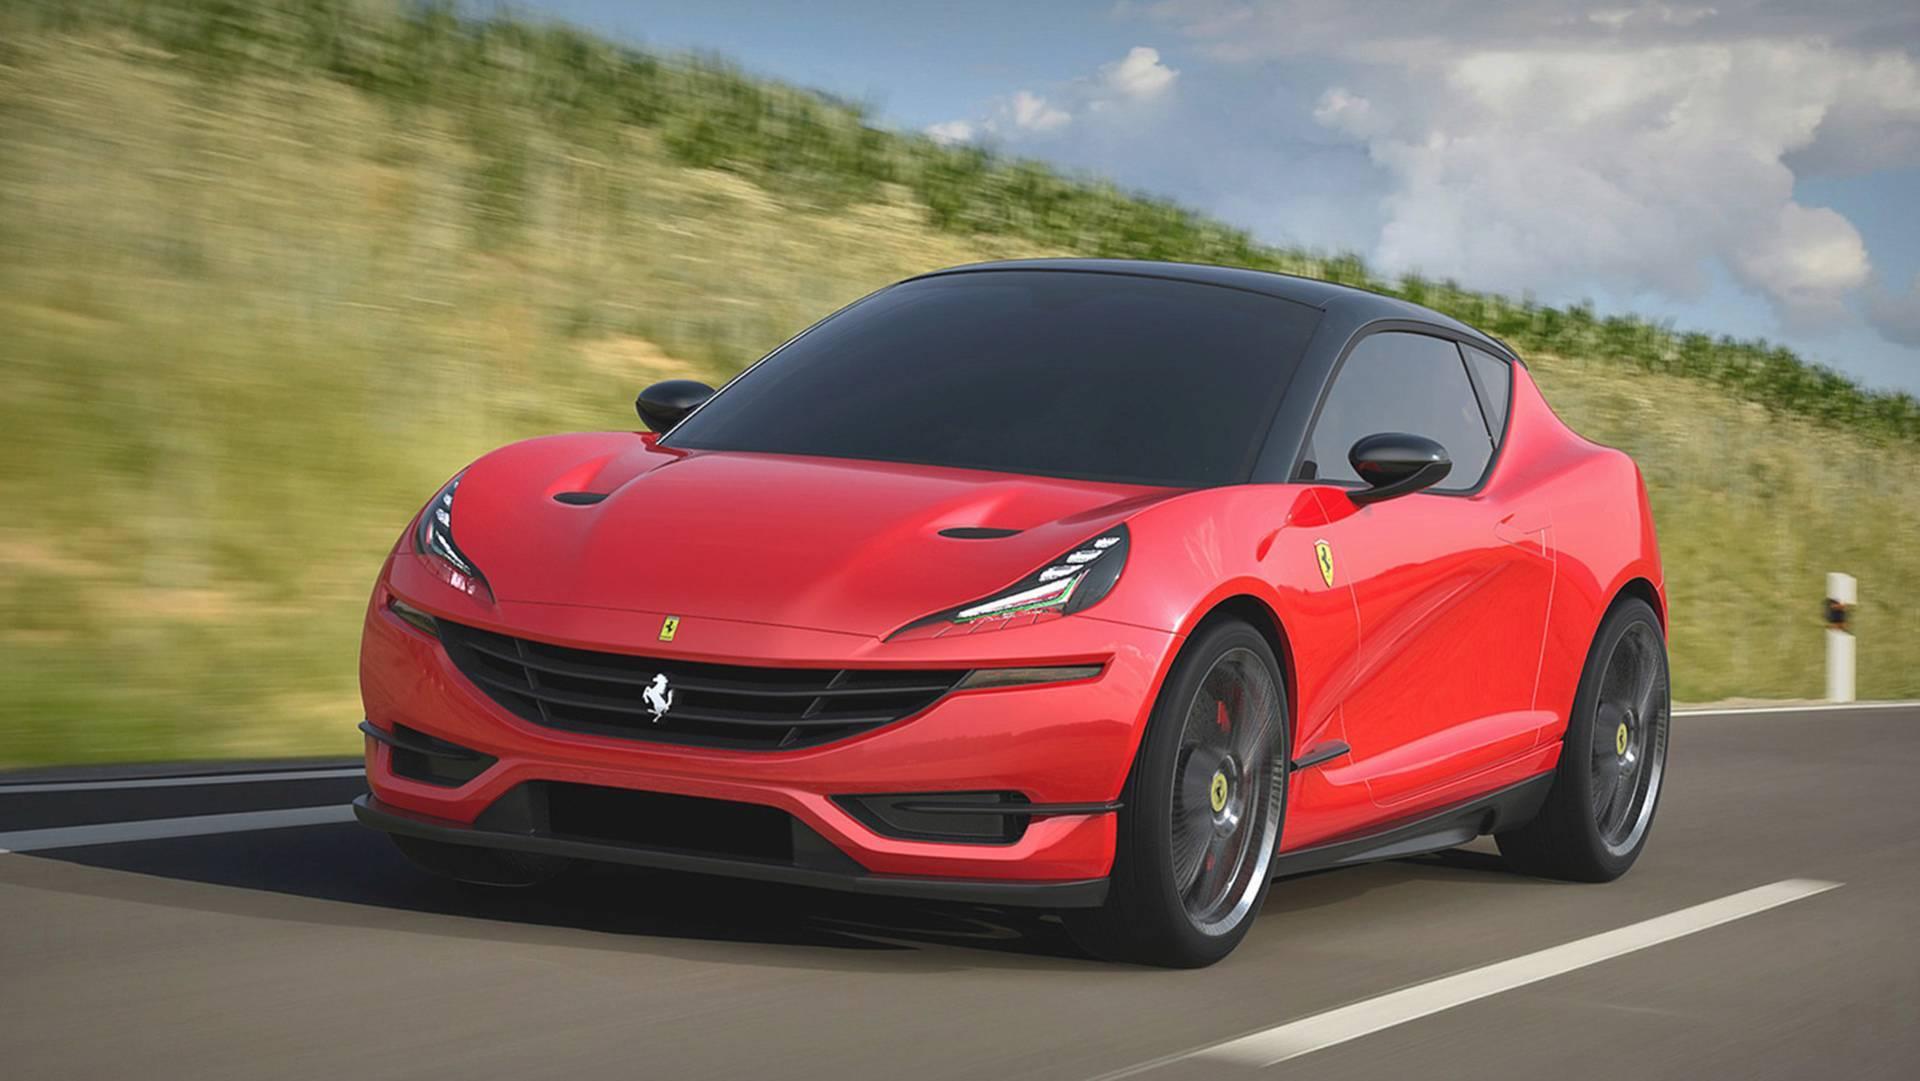 法拉利新车尺寸堪比大众高尔夫!搭载V6发动机你会喜欢吗?